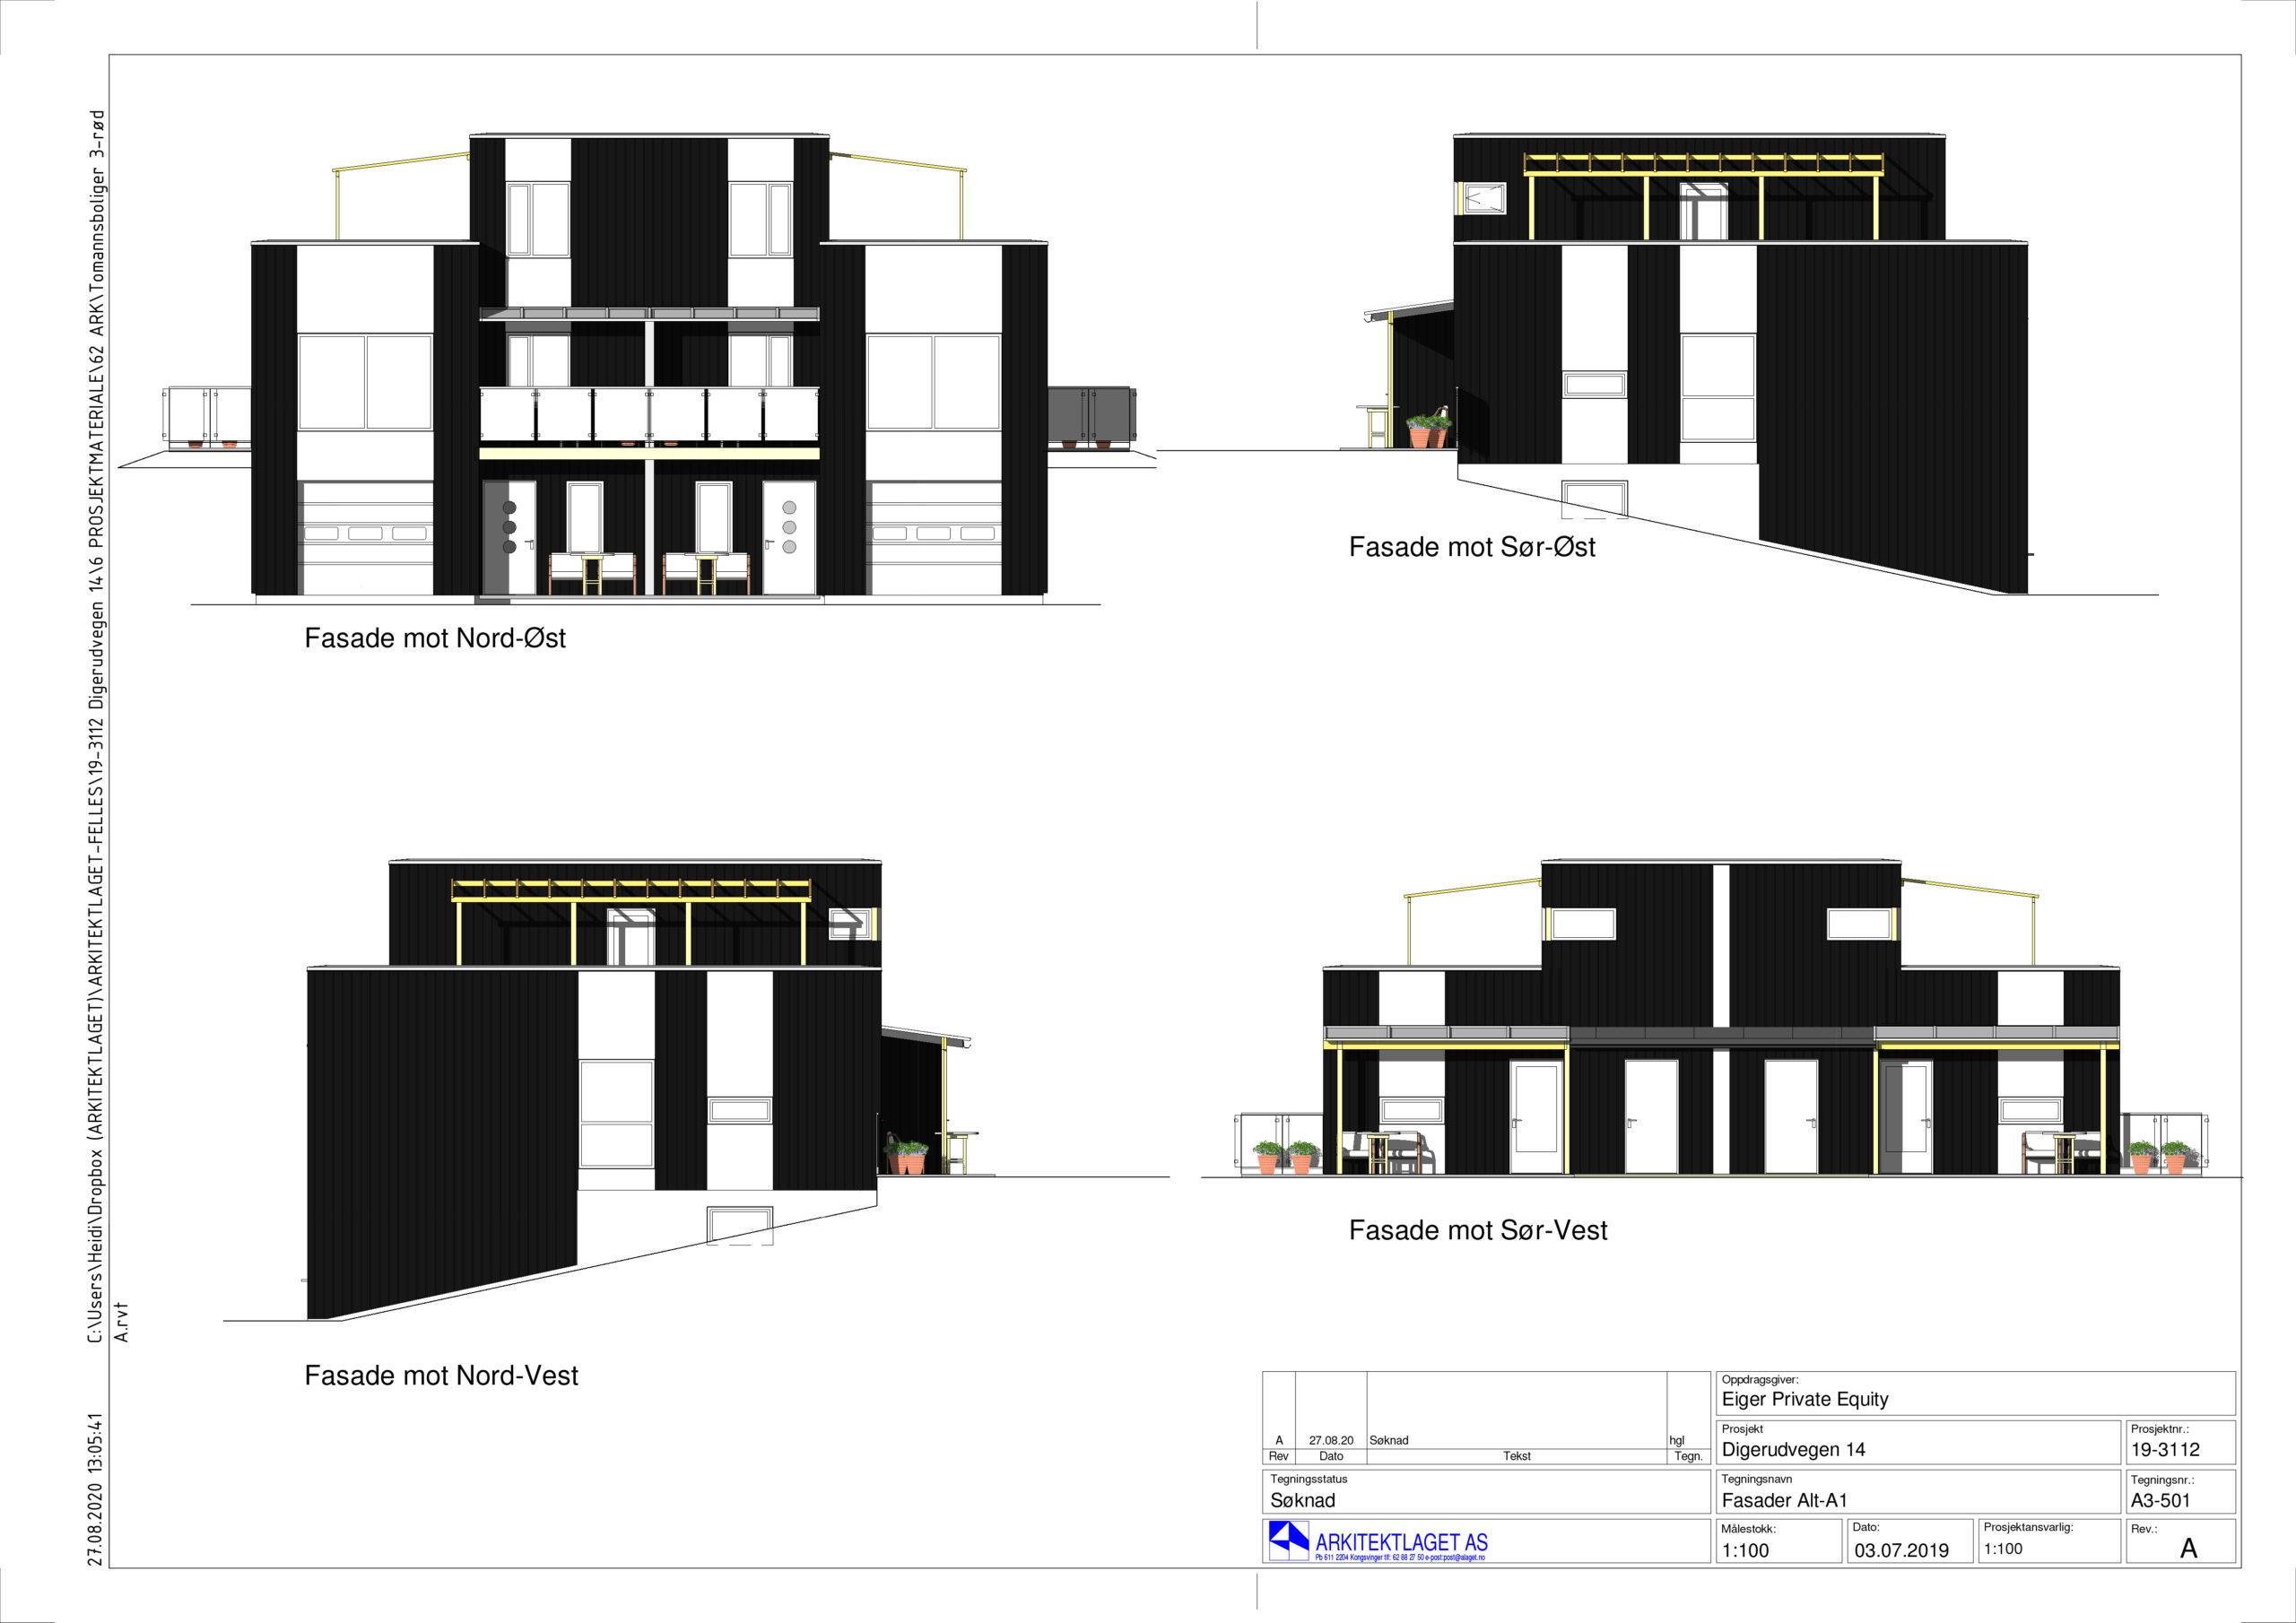 Fasadetegninger Digerudvegen